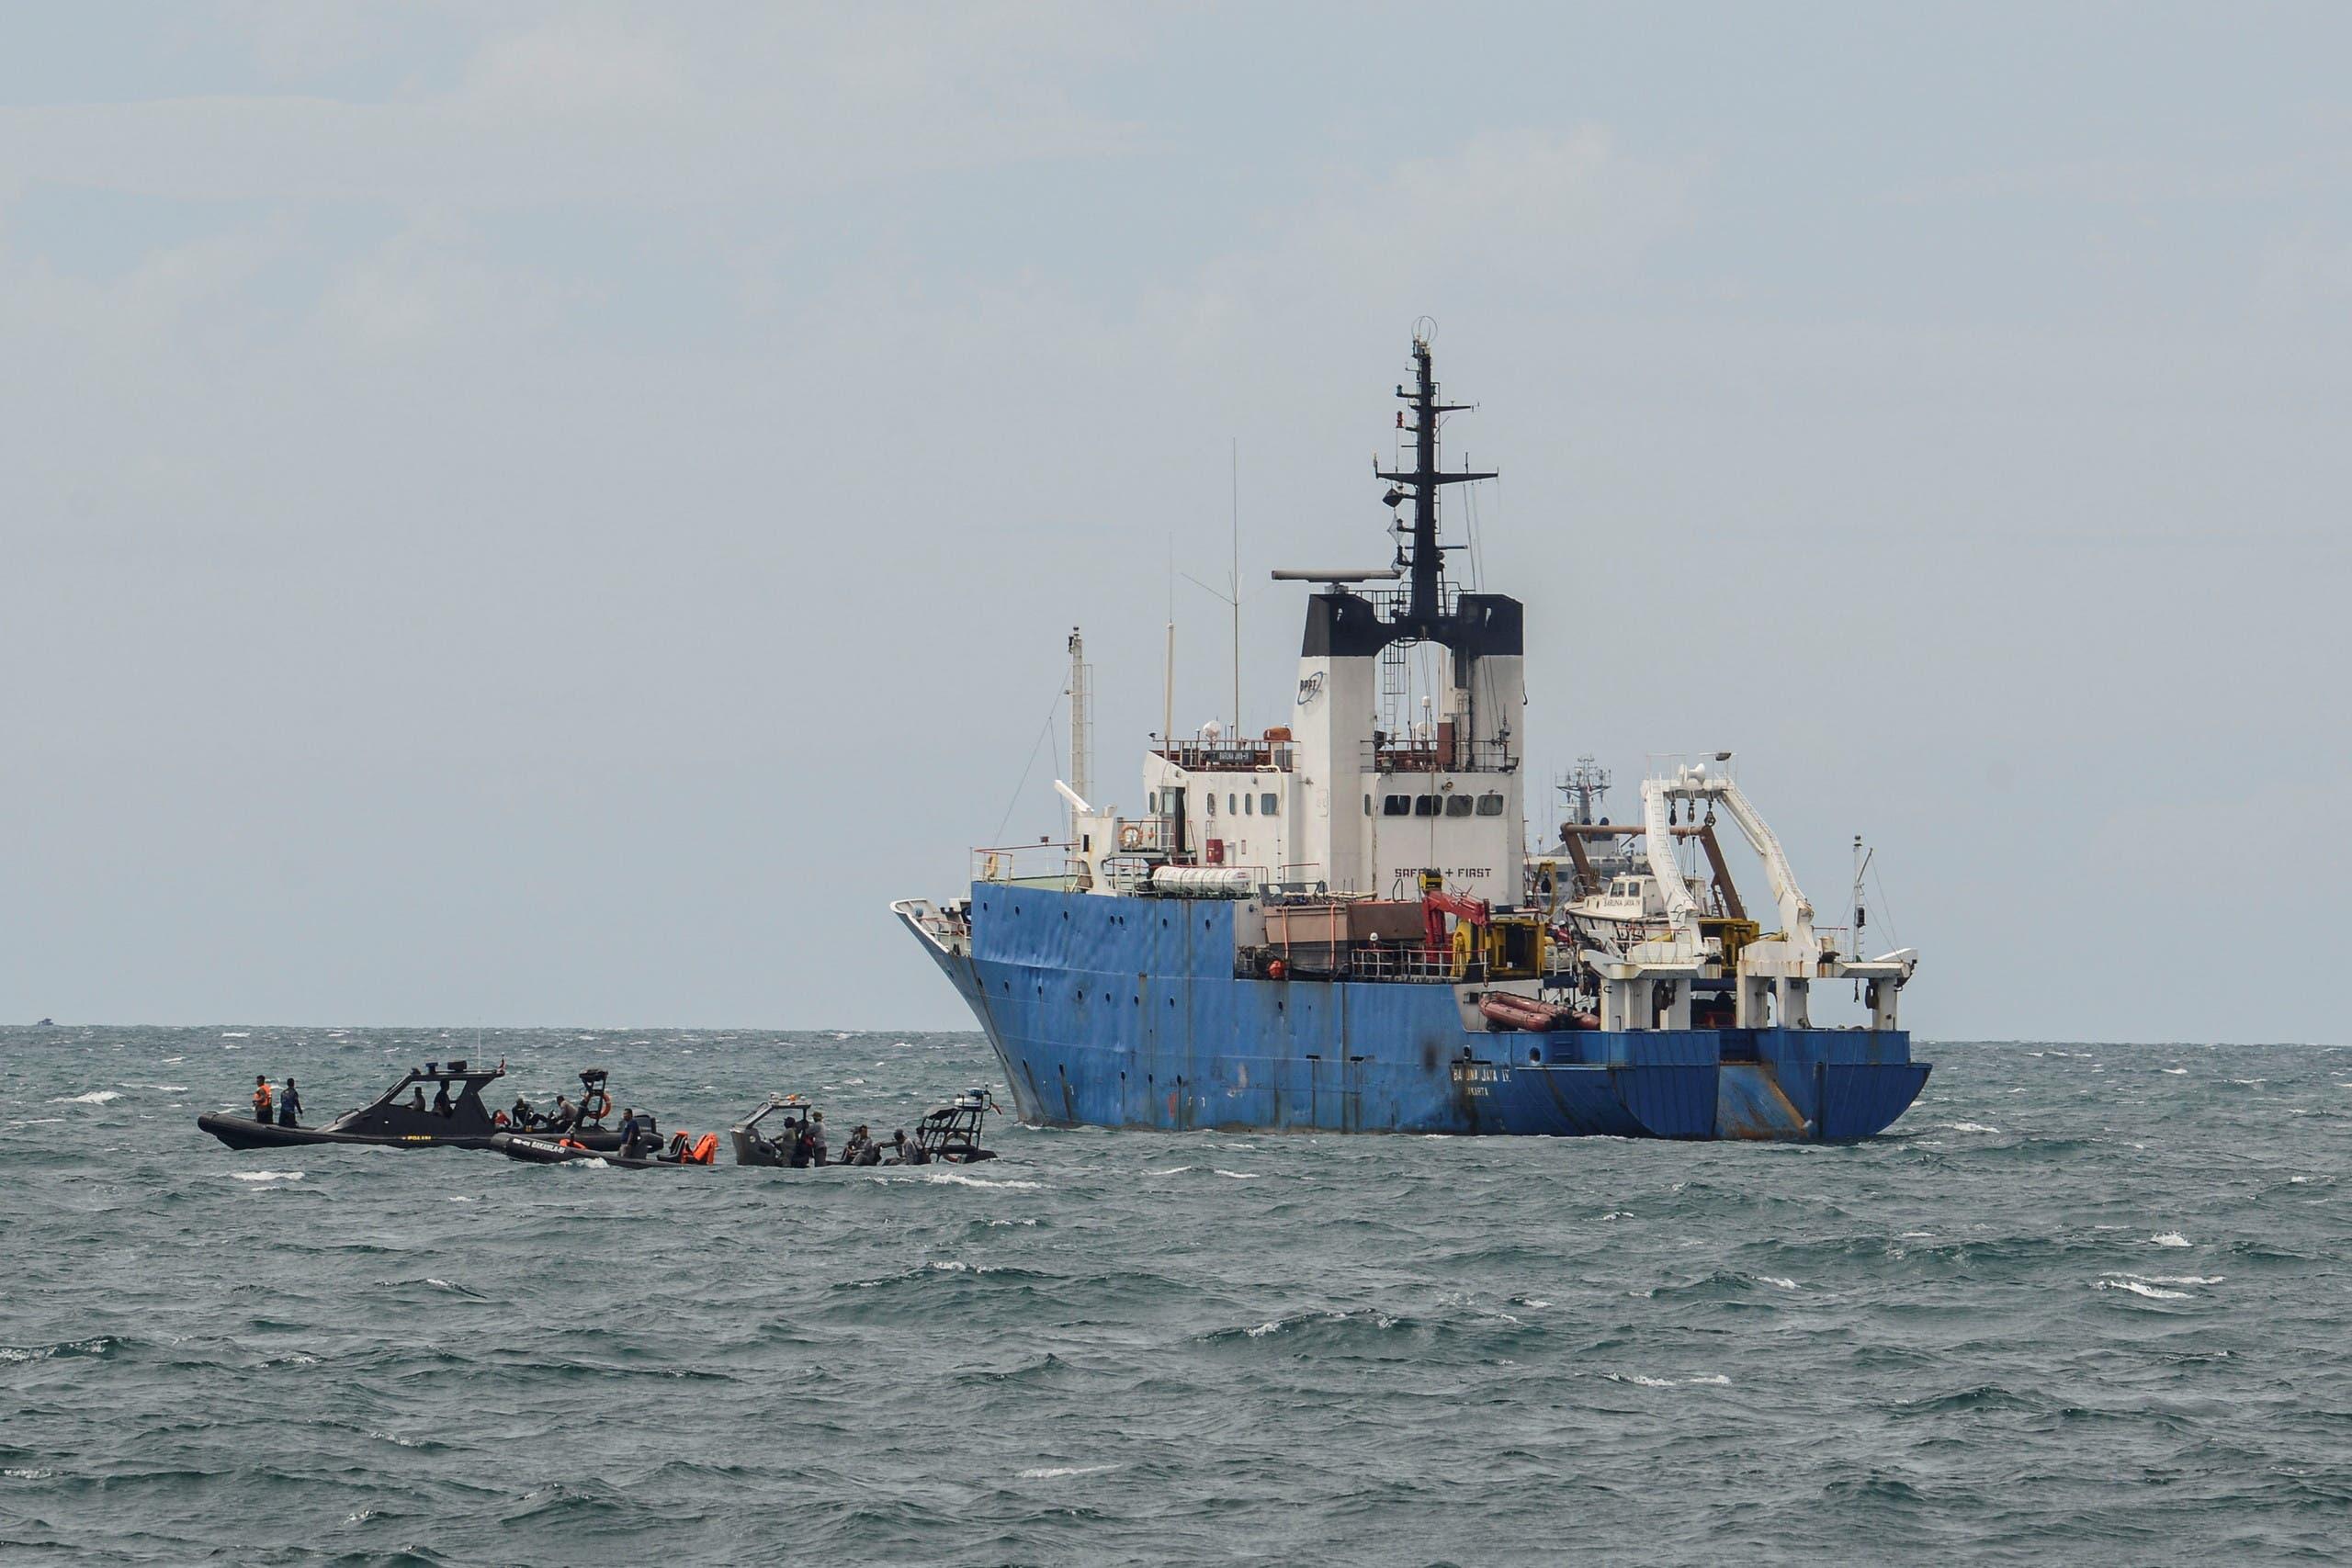 من عمليات البحث في بحر جاوة بعد تحطم الطائرة